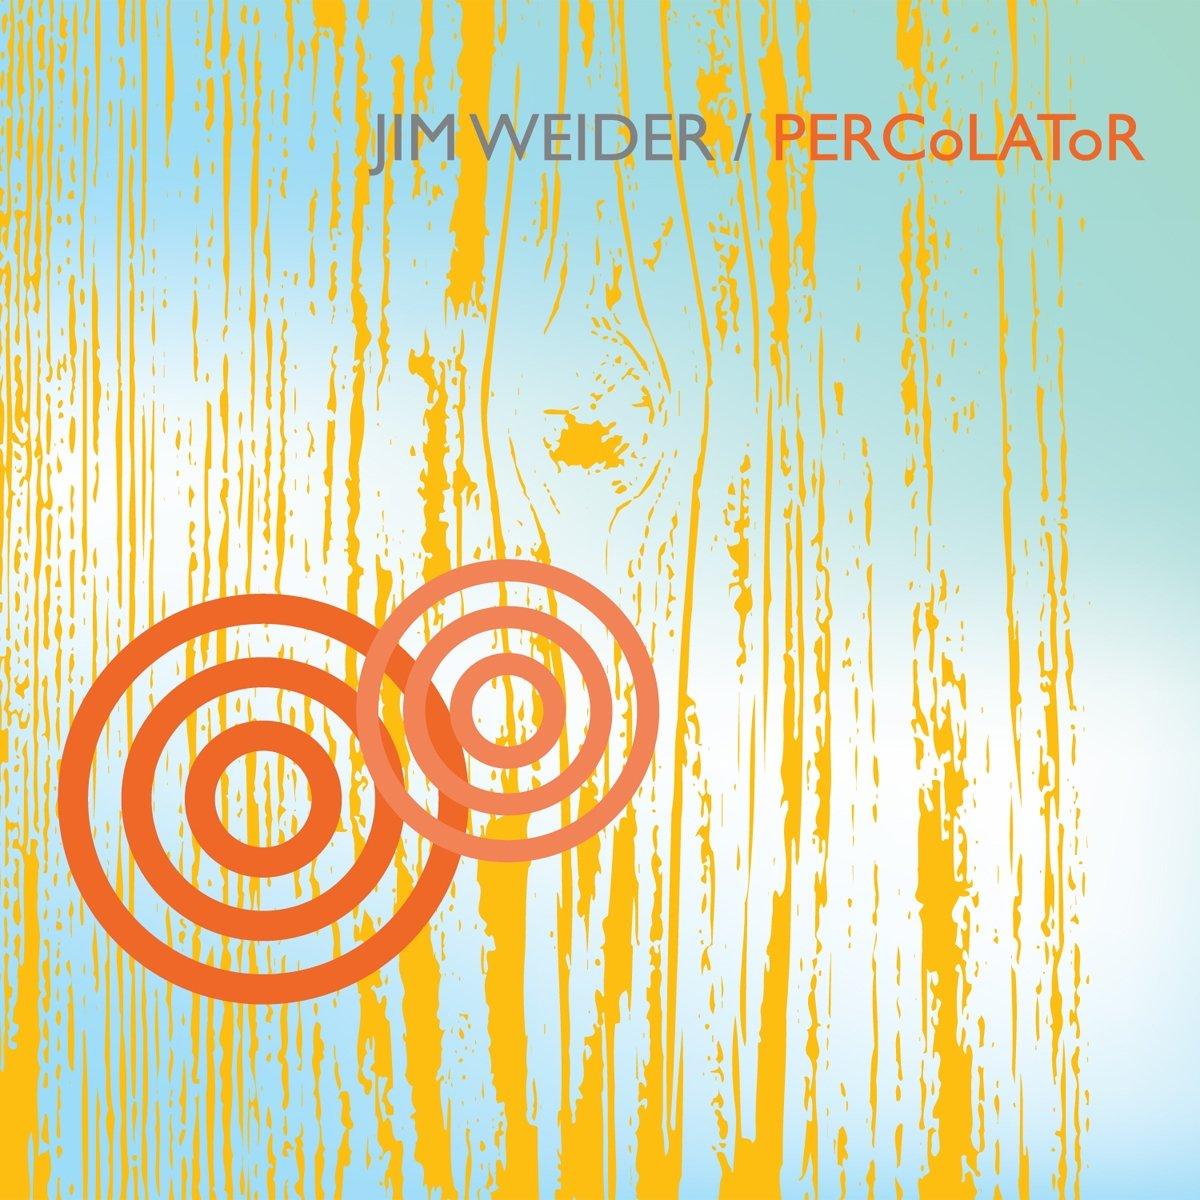 Jim Weider Weider. Percolator